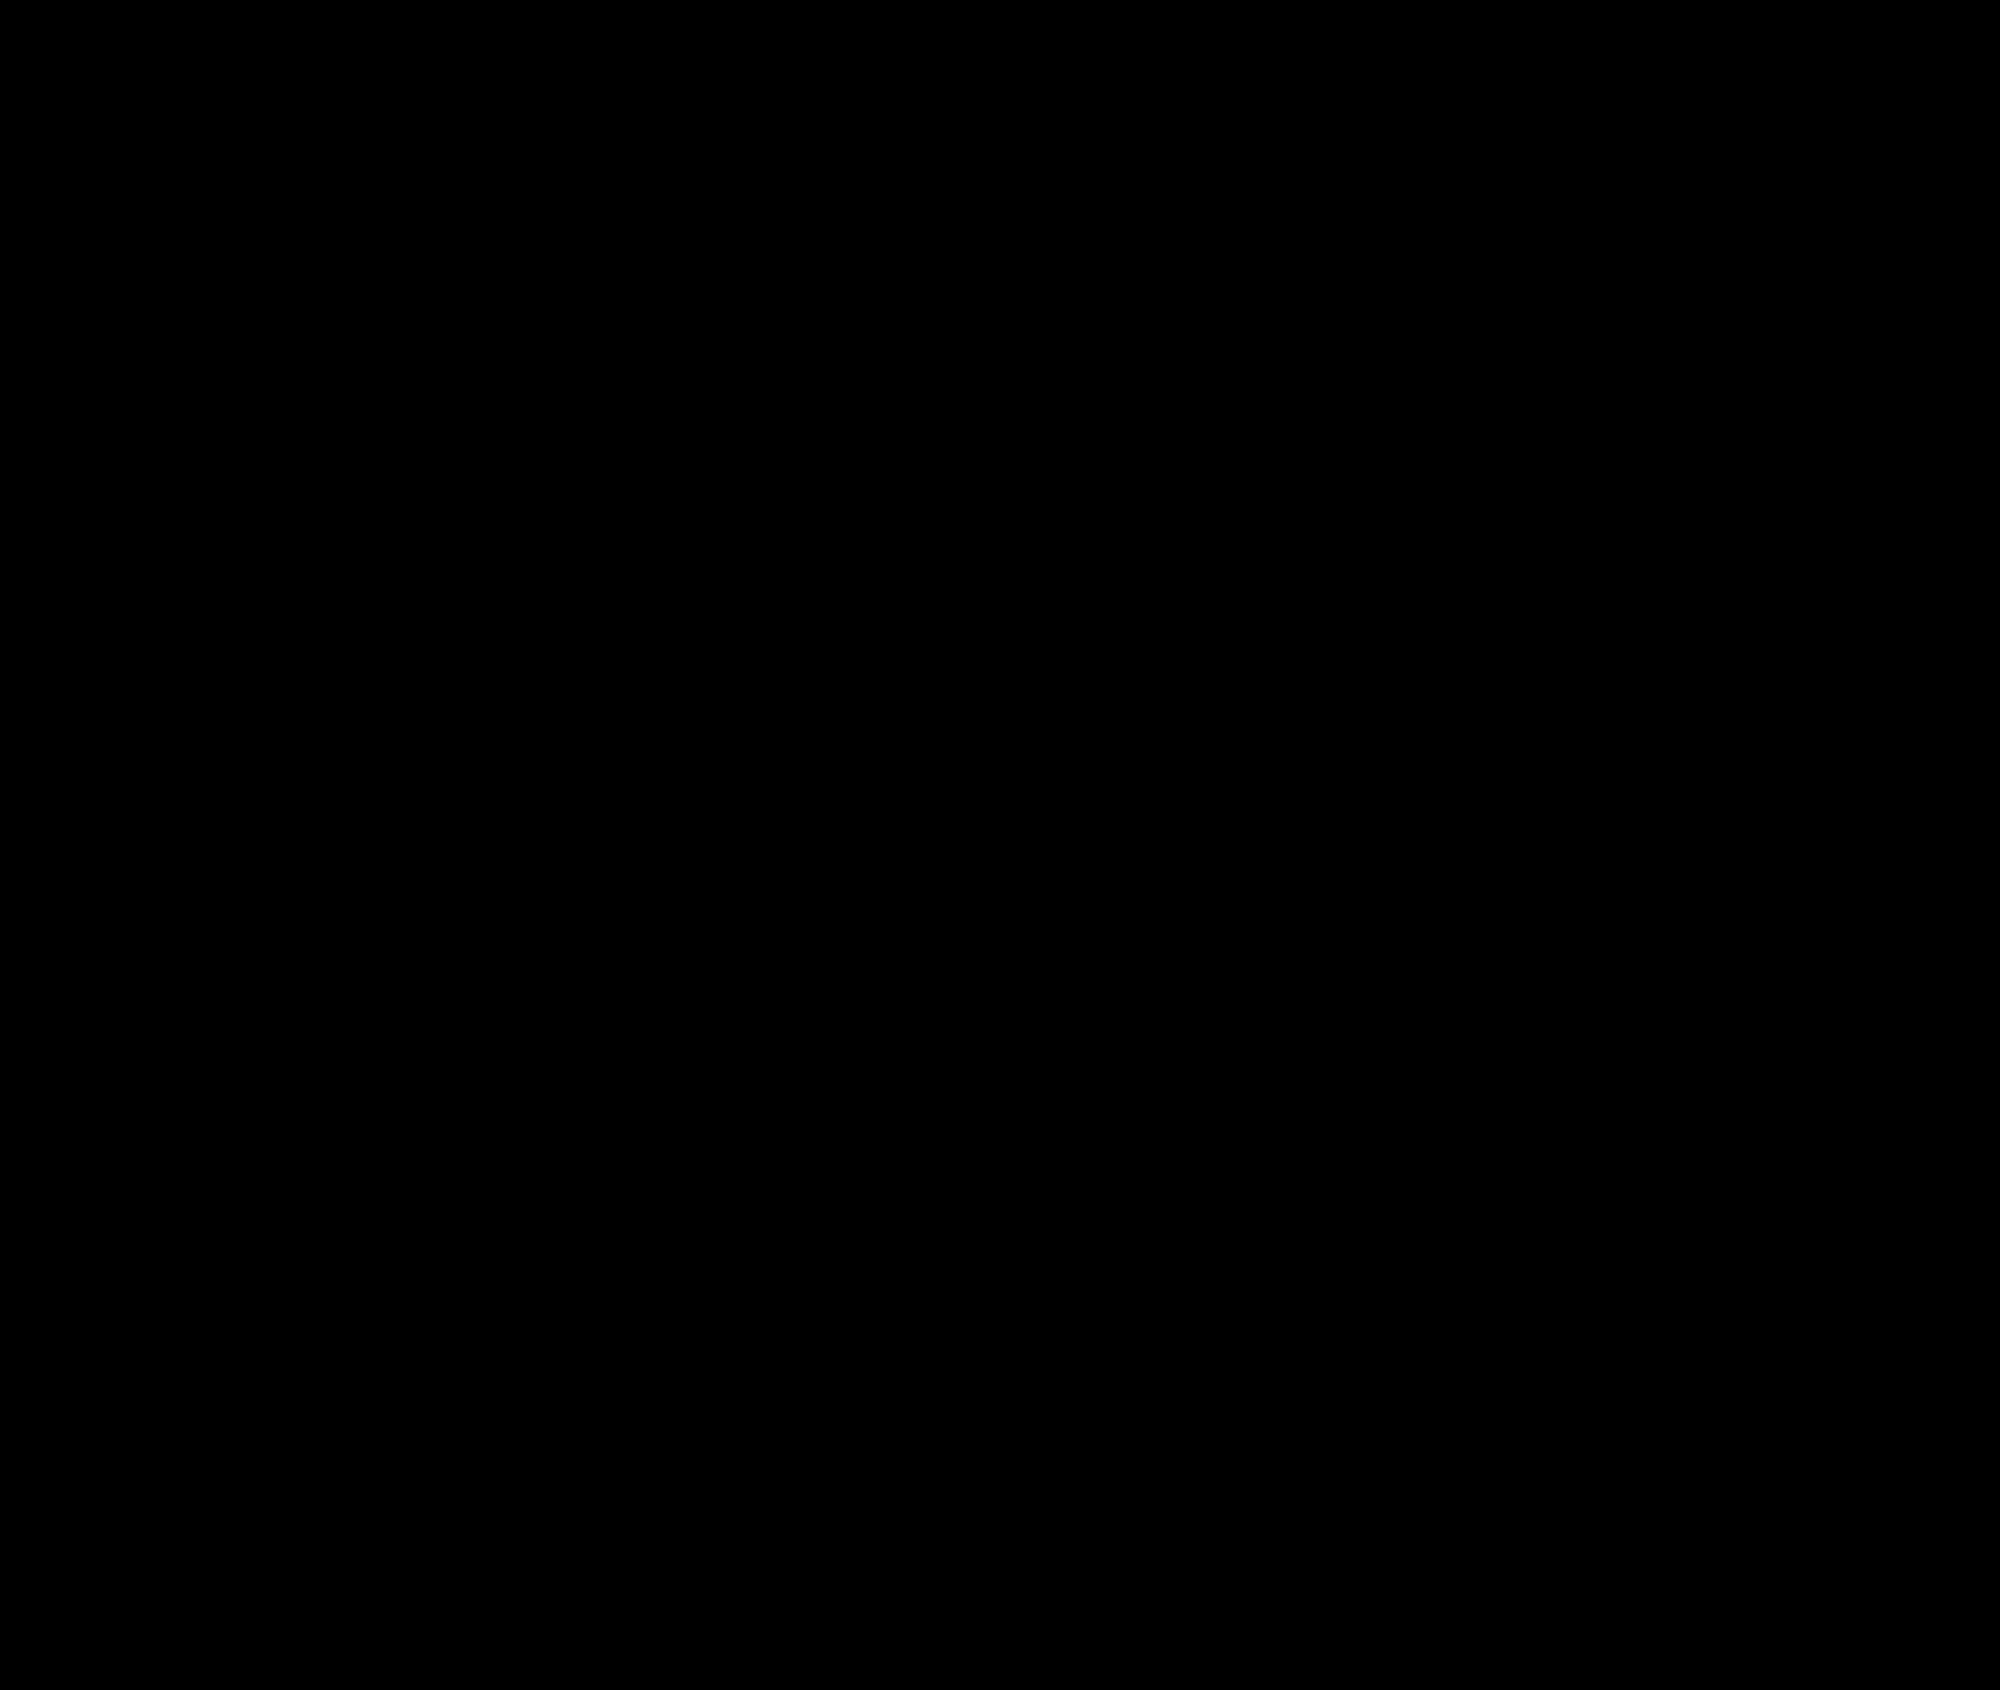 Marca slogan negro curvas